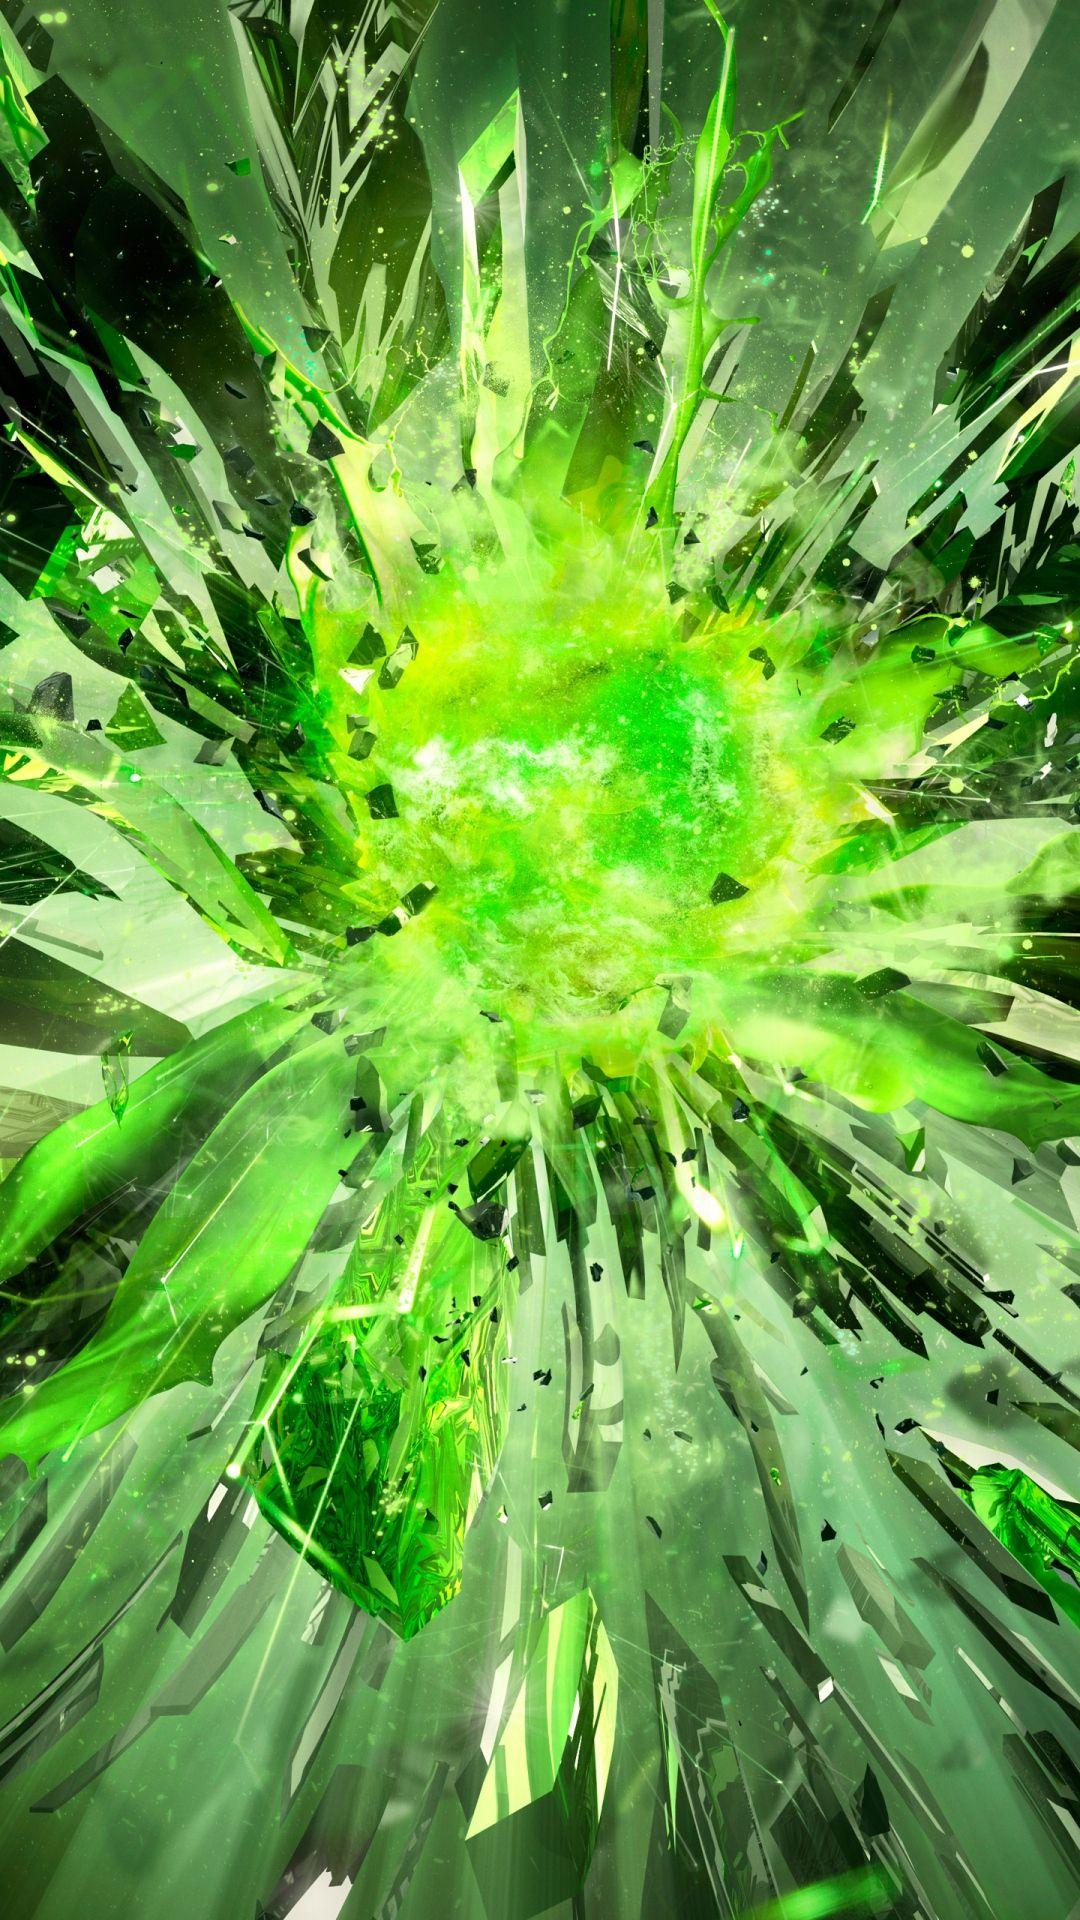 Crystals Debris Explosion Light iPhone 6 plus